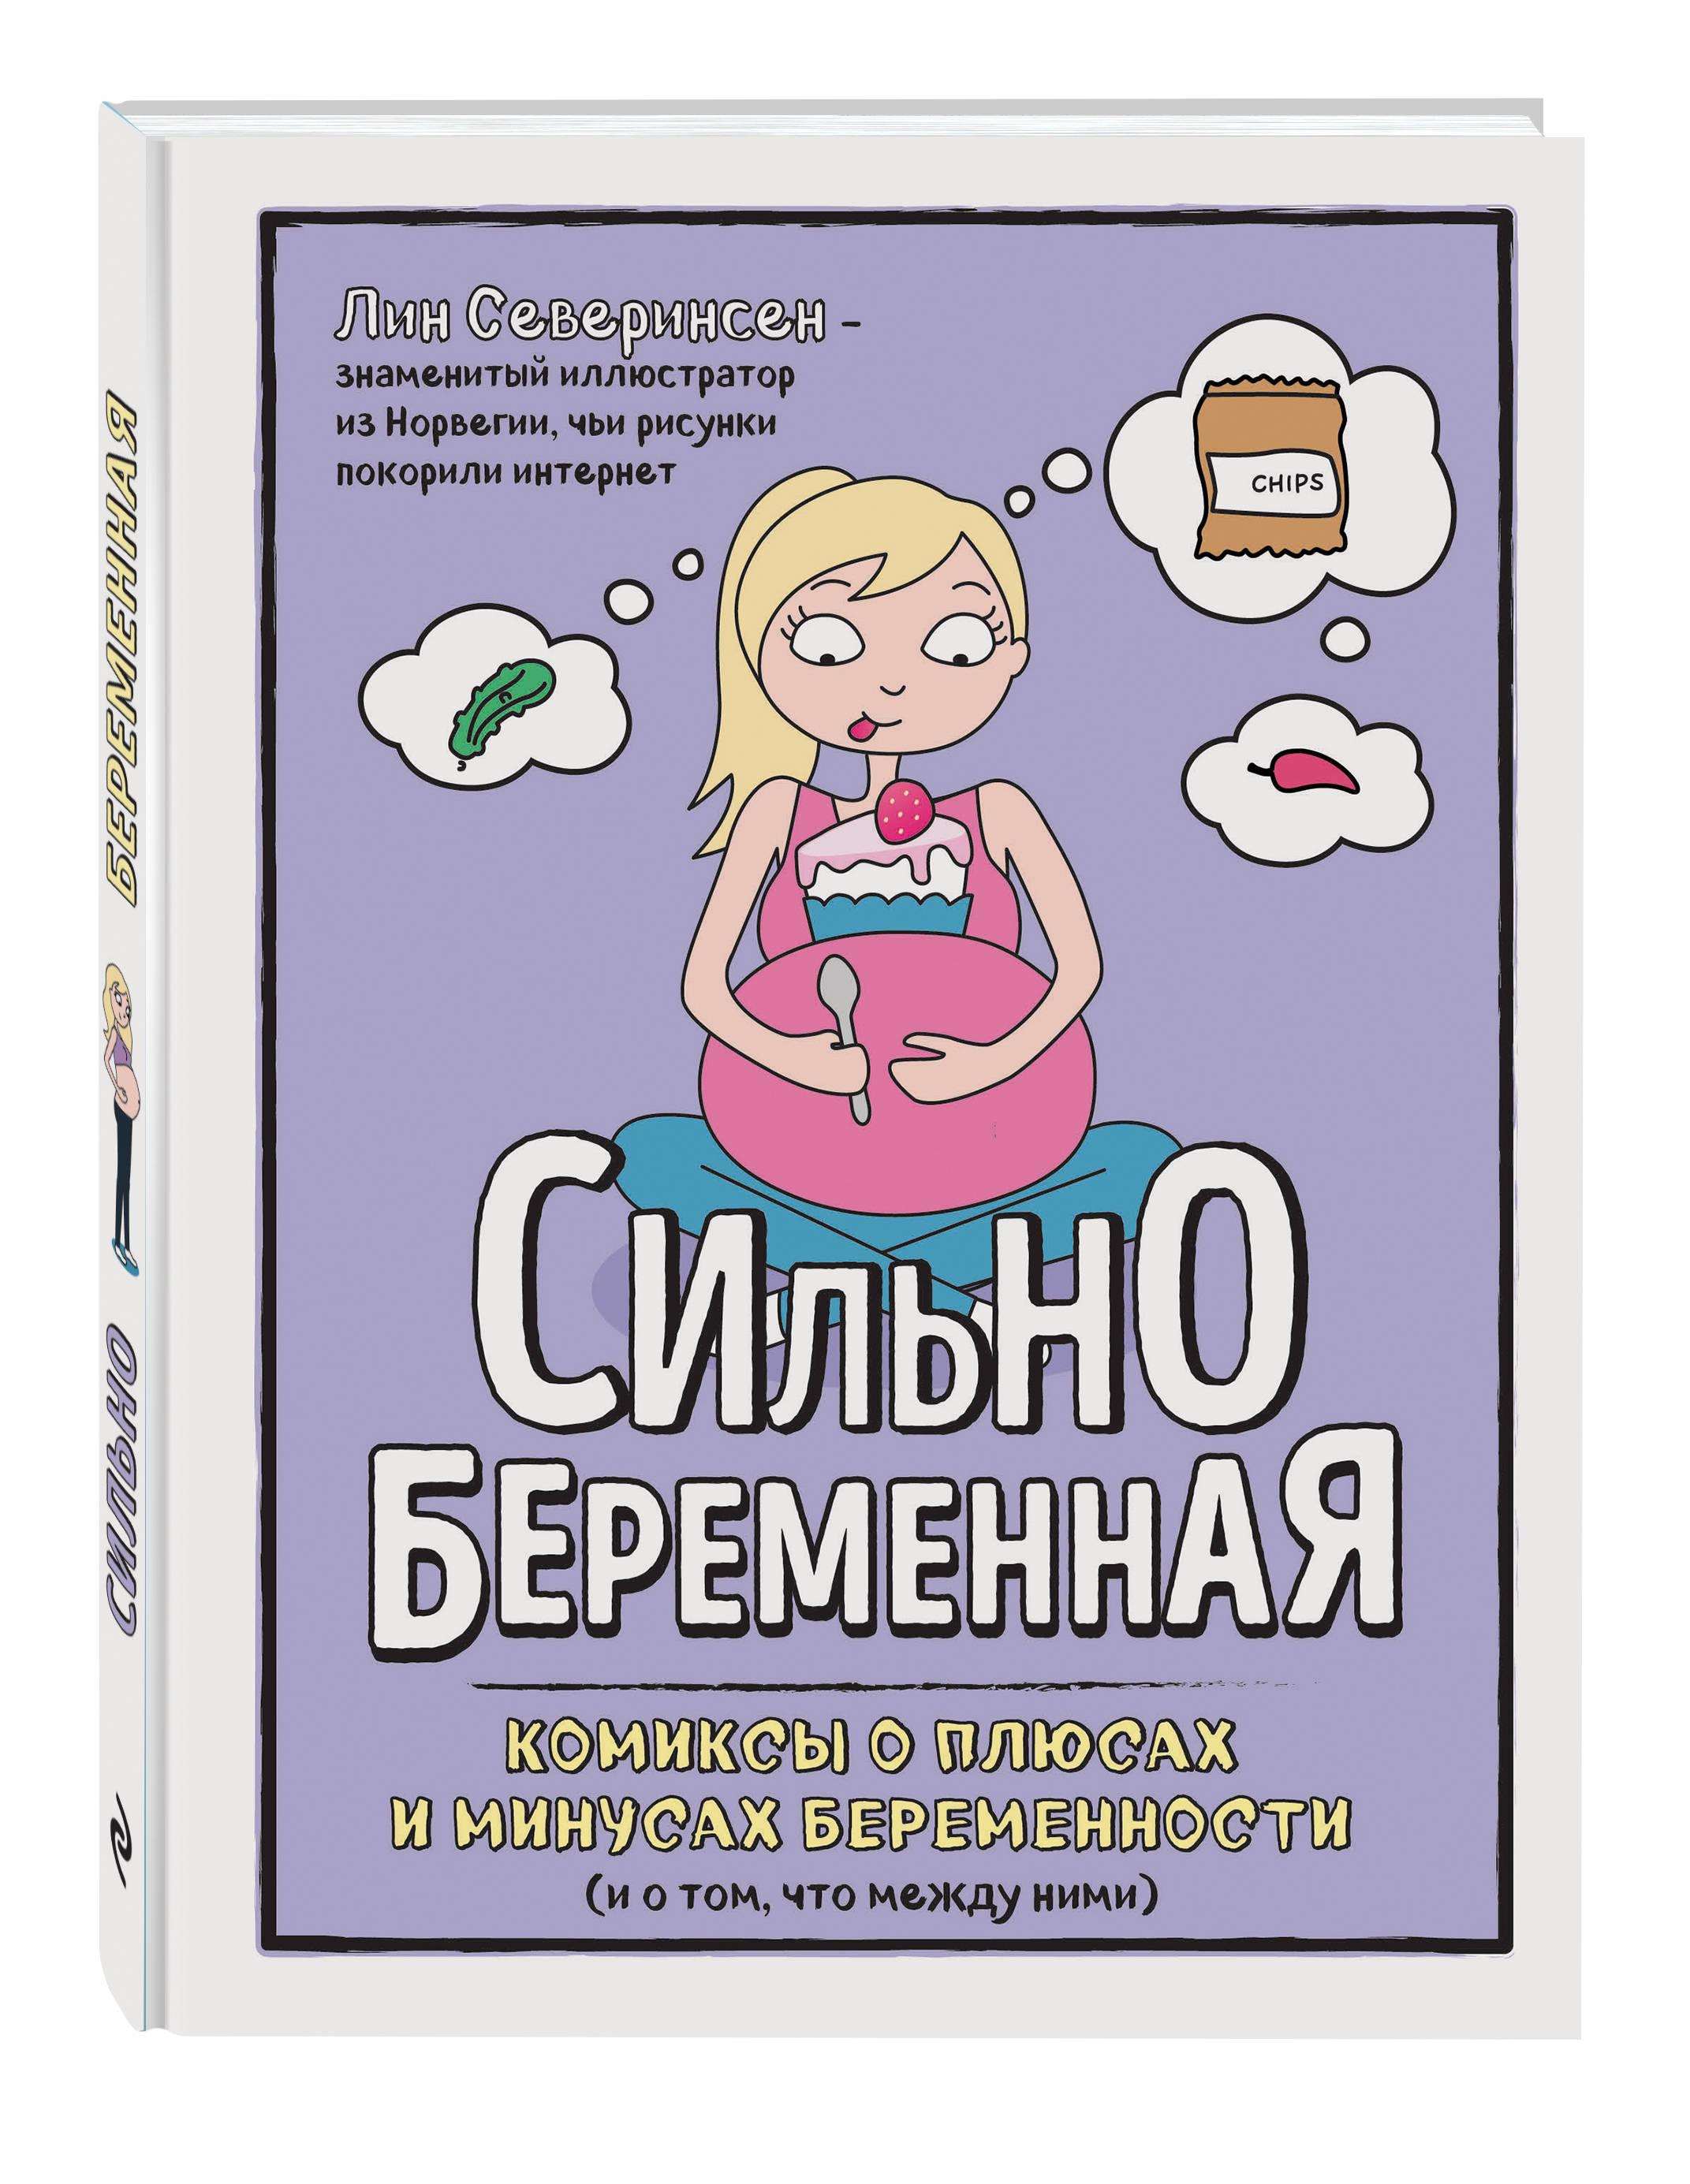 Лин Северинсен Сильнобеременная: комиксы о плюсах и минусах беременности (и о том, что между ними) минеральная вода от изжоги при беременности